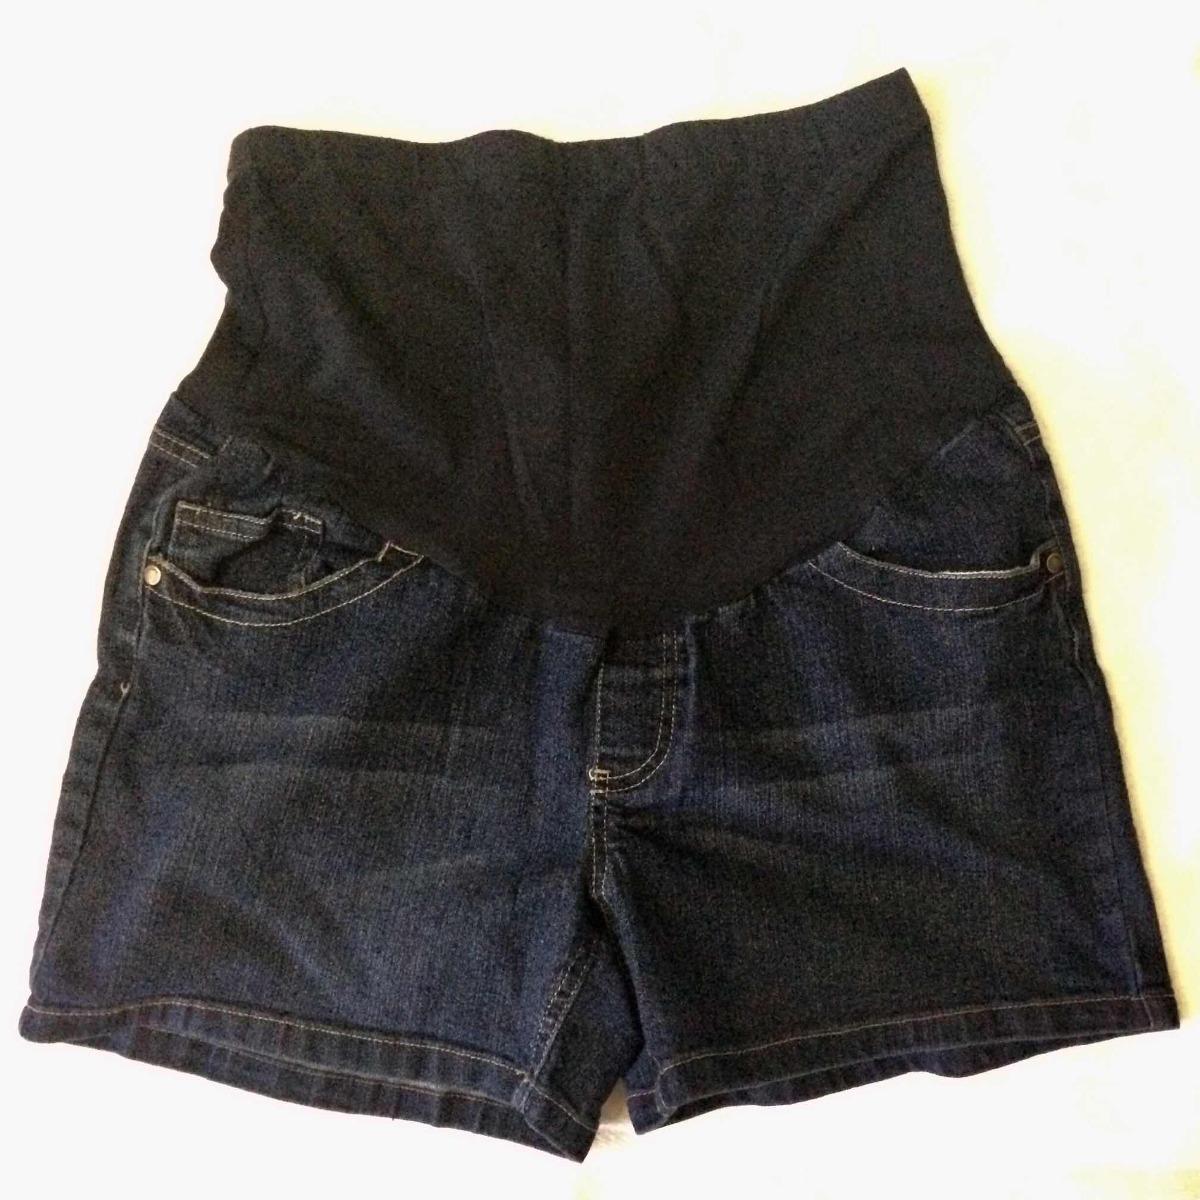 638da8a1b bermuda short pantalón corto embarazada premama blue jean. Cargando zoom.